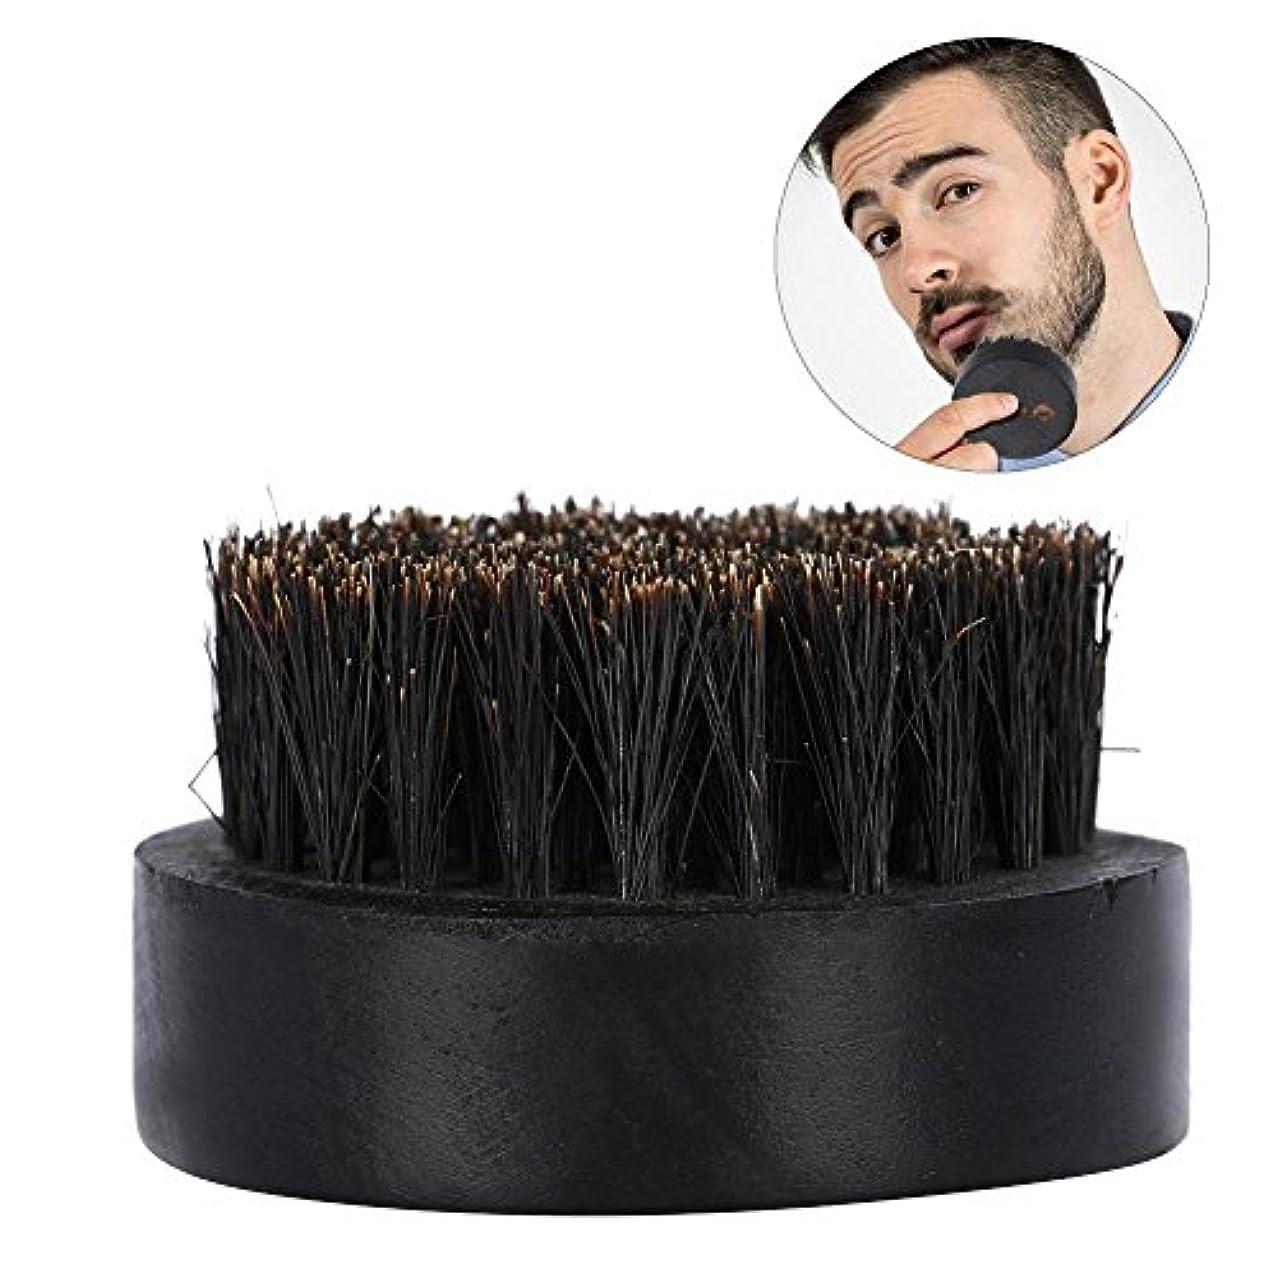 排泄する化学者ステレオタイプひげブラシ、シェービングブラシメンズひげグルーミングキット理髪ブラシ口ひげクリーニングブラシヘアシェービングキット